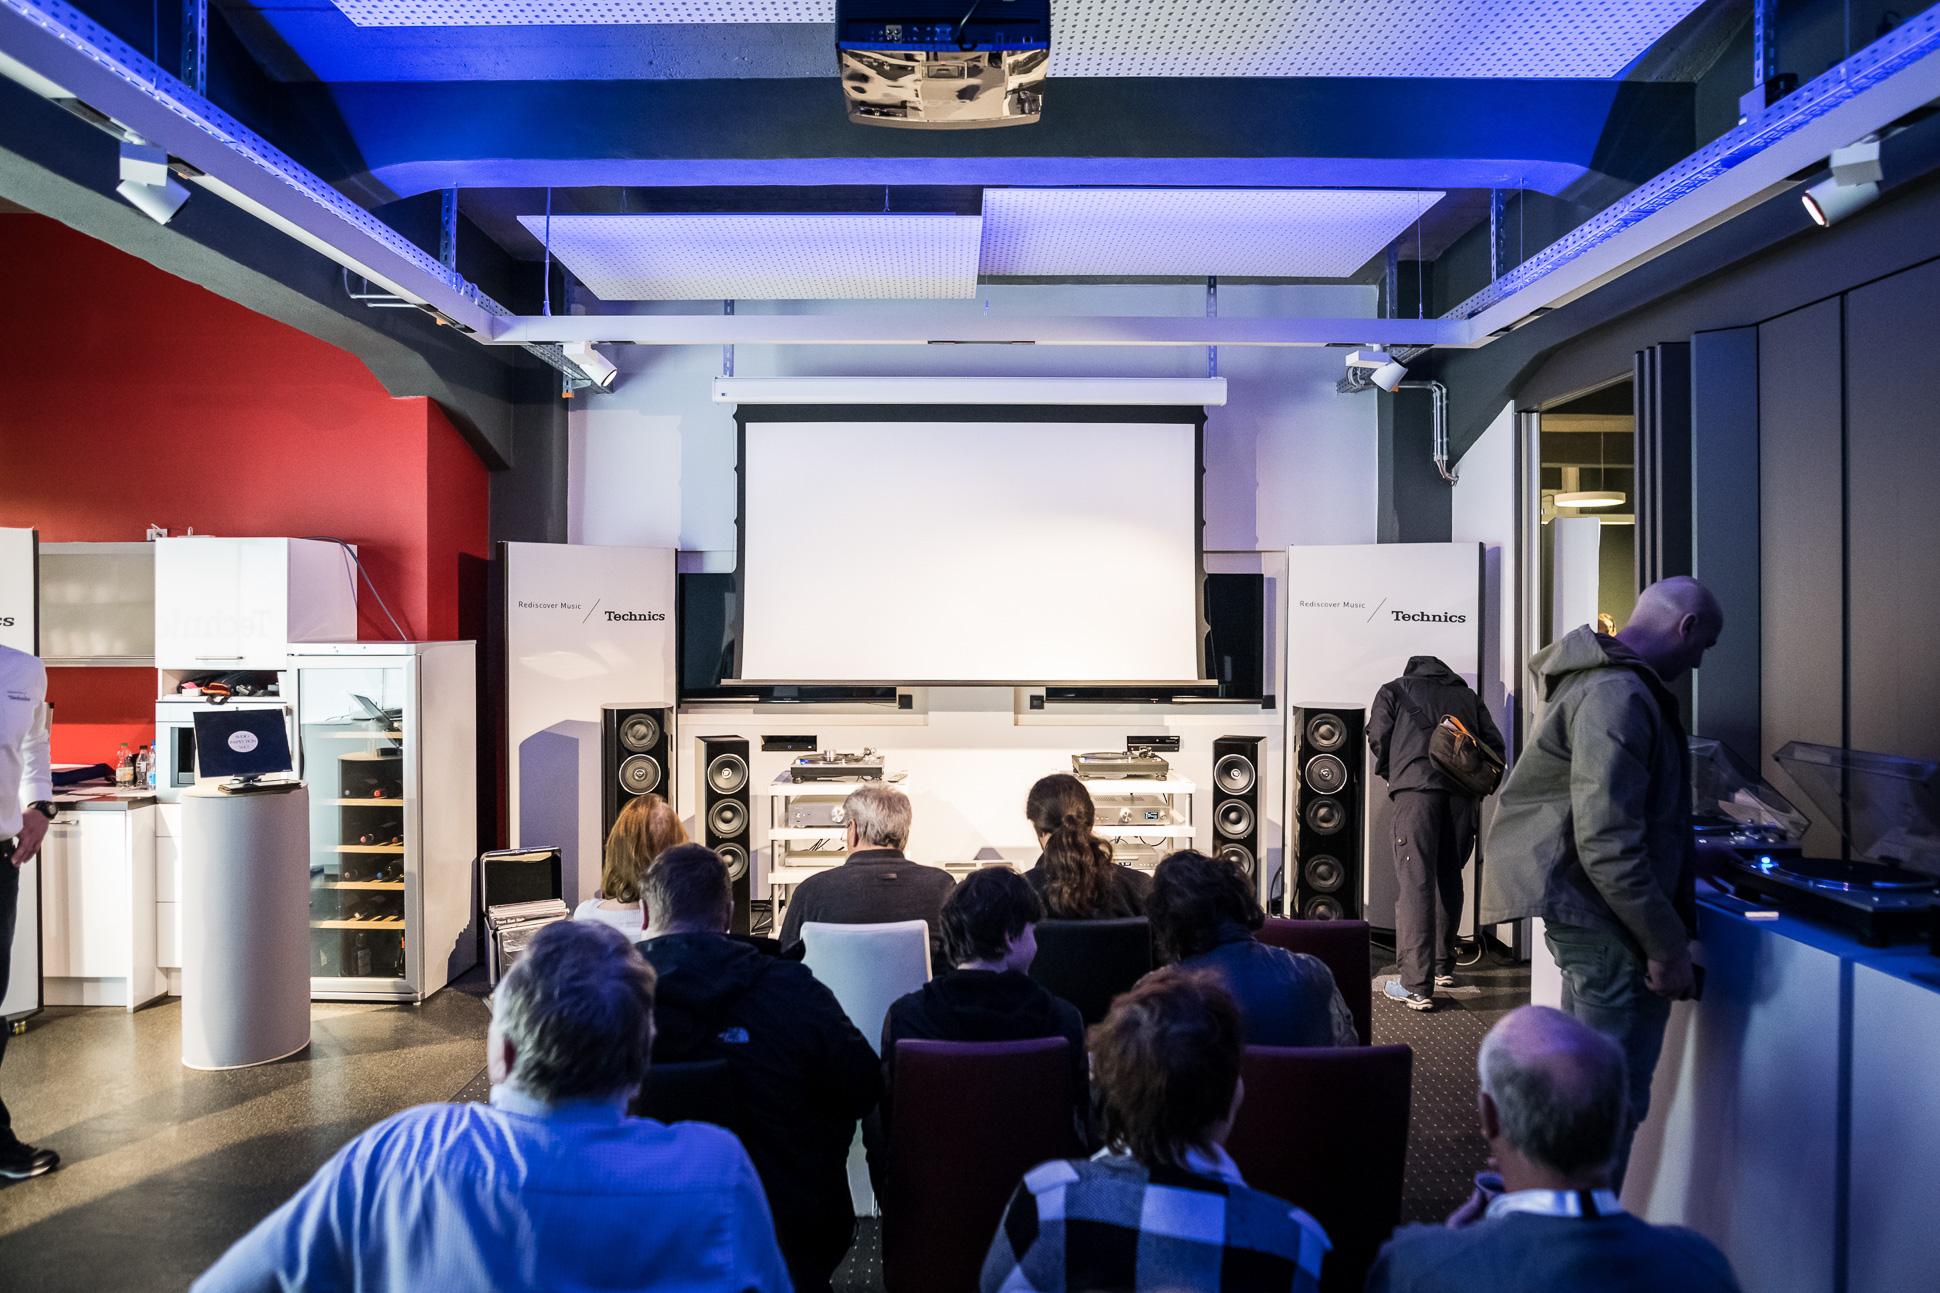 Technics kam mit dem vollen Programm nach Leipzig. Immer noch stark nachgefragt der SL-1200G Plattenspieler.